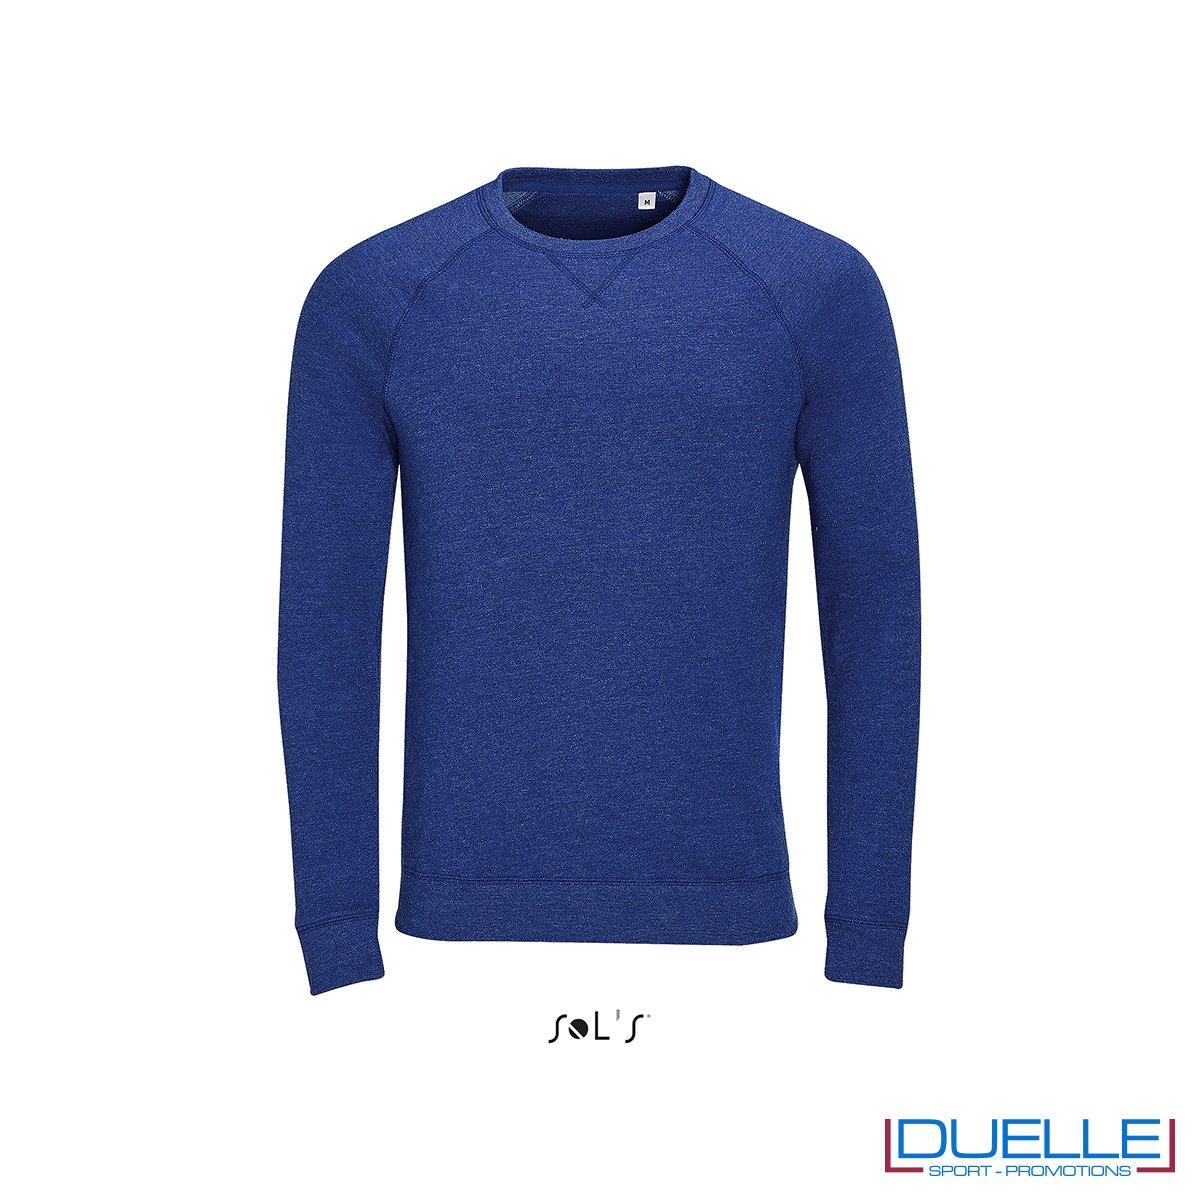 Felpa personalizzata in cotone non felpato colore blu, girocollo con motivo a V sul collo